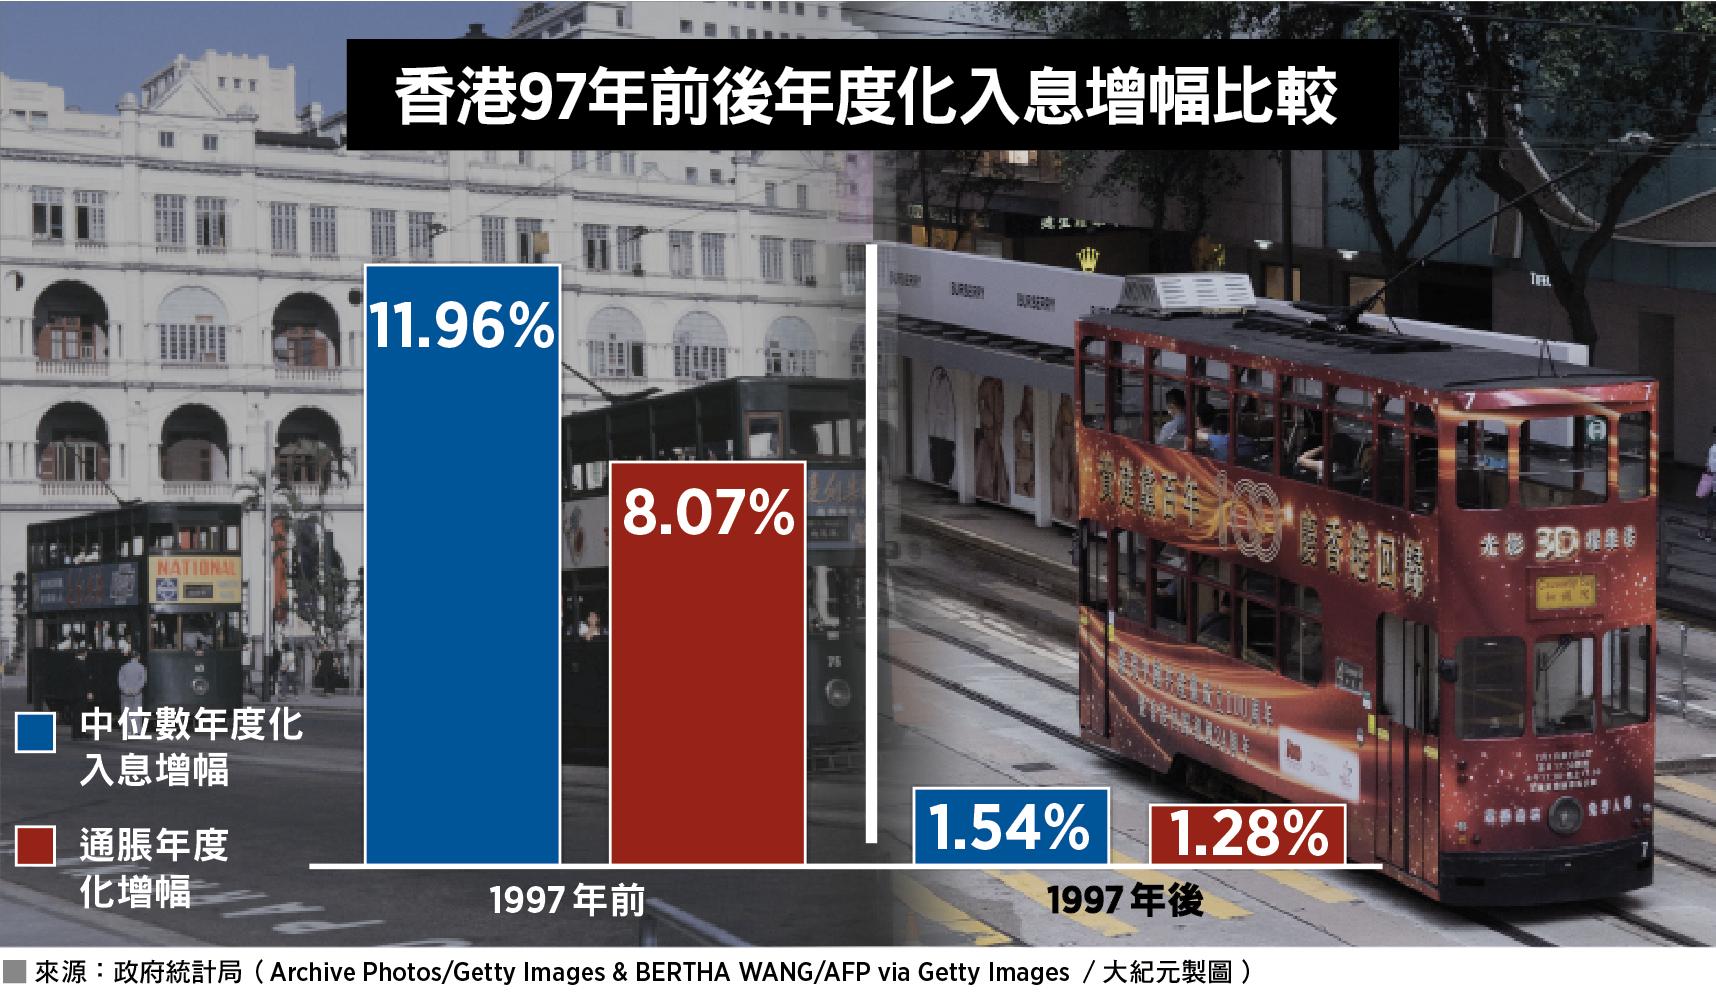 香港97年前後年度化入息增幅比較。來源:政府統計局(Archive Photos/Getty Images & BERTHA WANG/AFP via Getty Images/大紀元製圖)